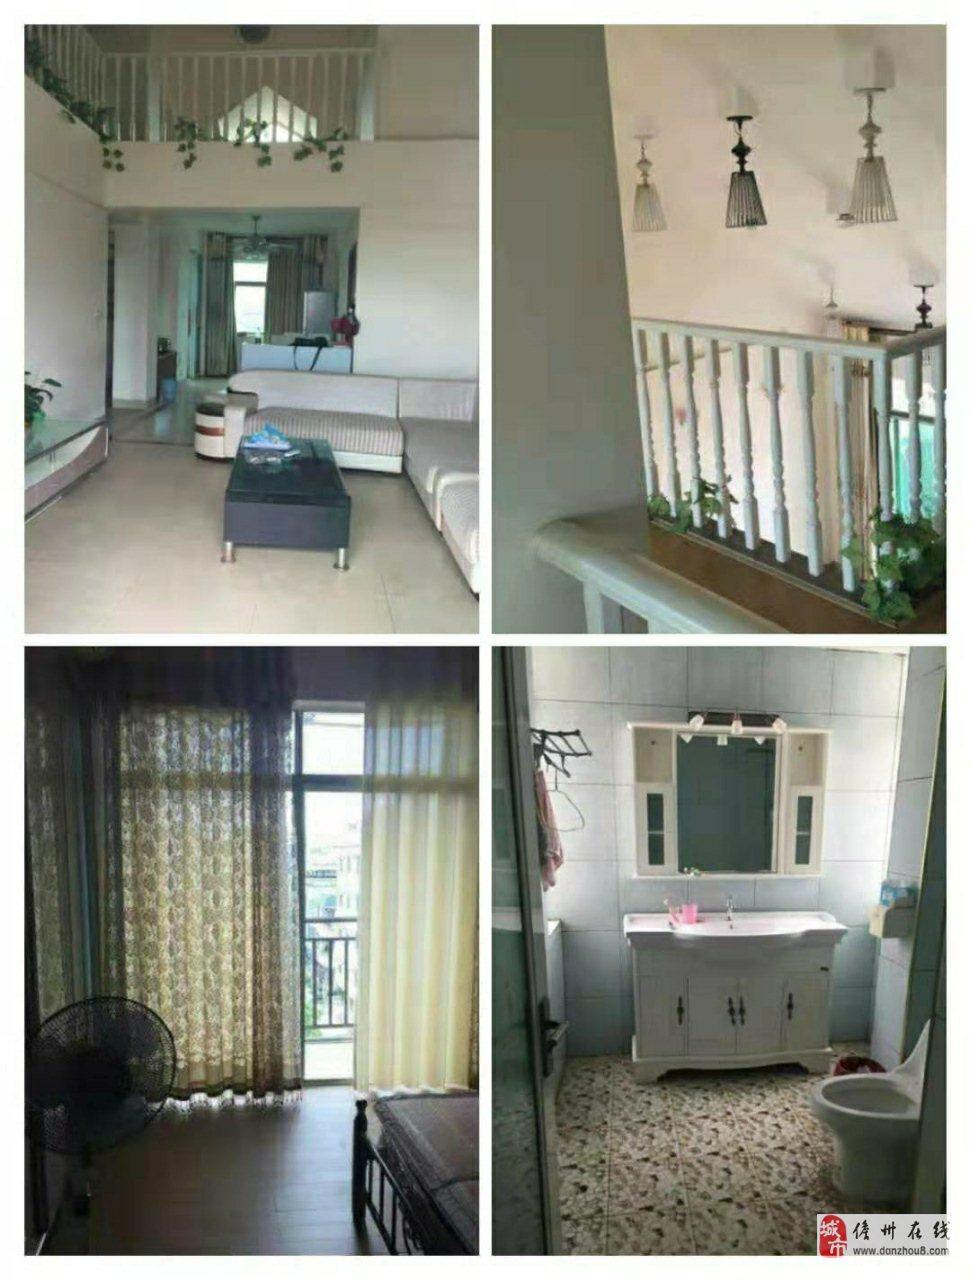 泰安苑3室2厅2卫57万元.118平米南北通透